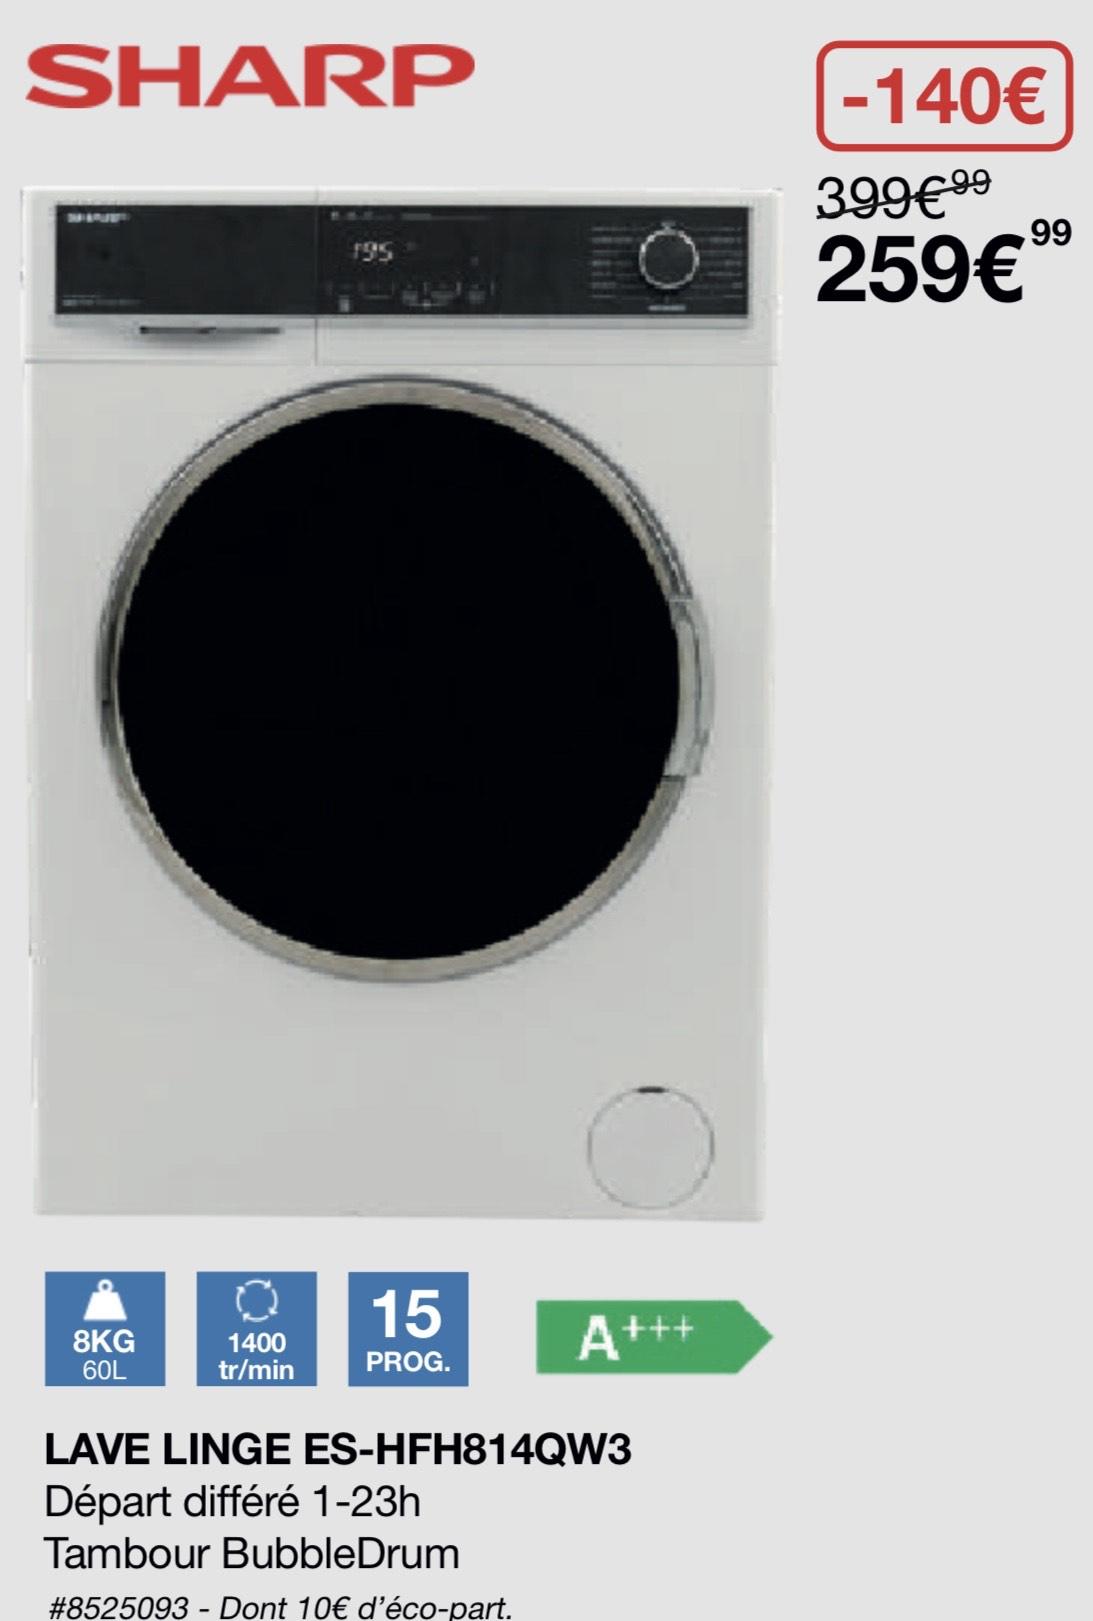 [Carte Costco] Lave-linge frontal Sharp ES-HFH814QW3 (8 kg, 1400 trs/min, A+++) - Villebon-sur-Yvette (91)